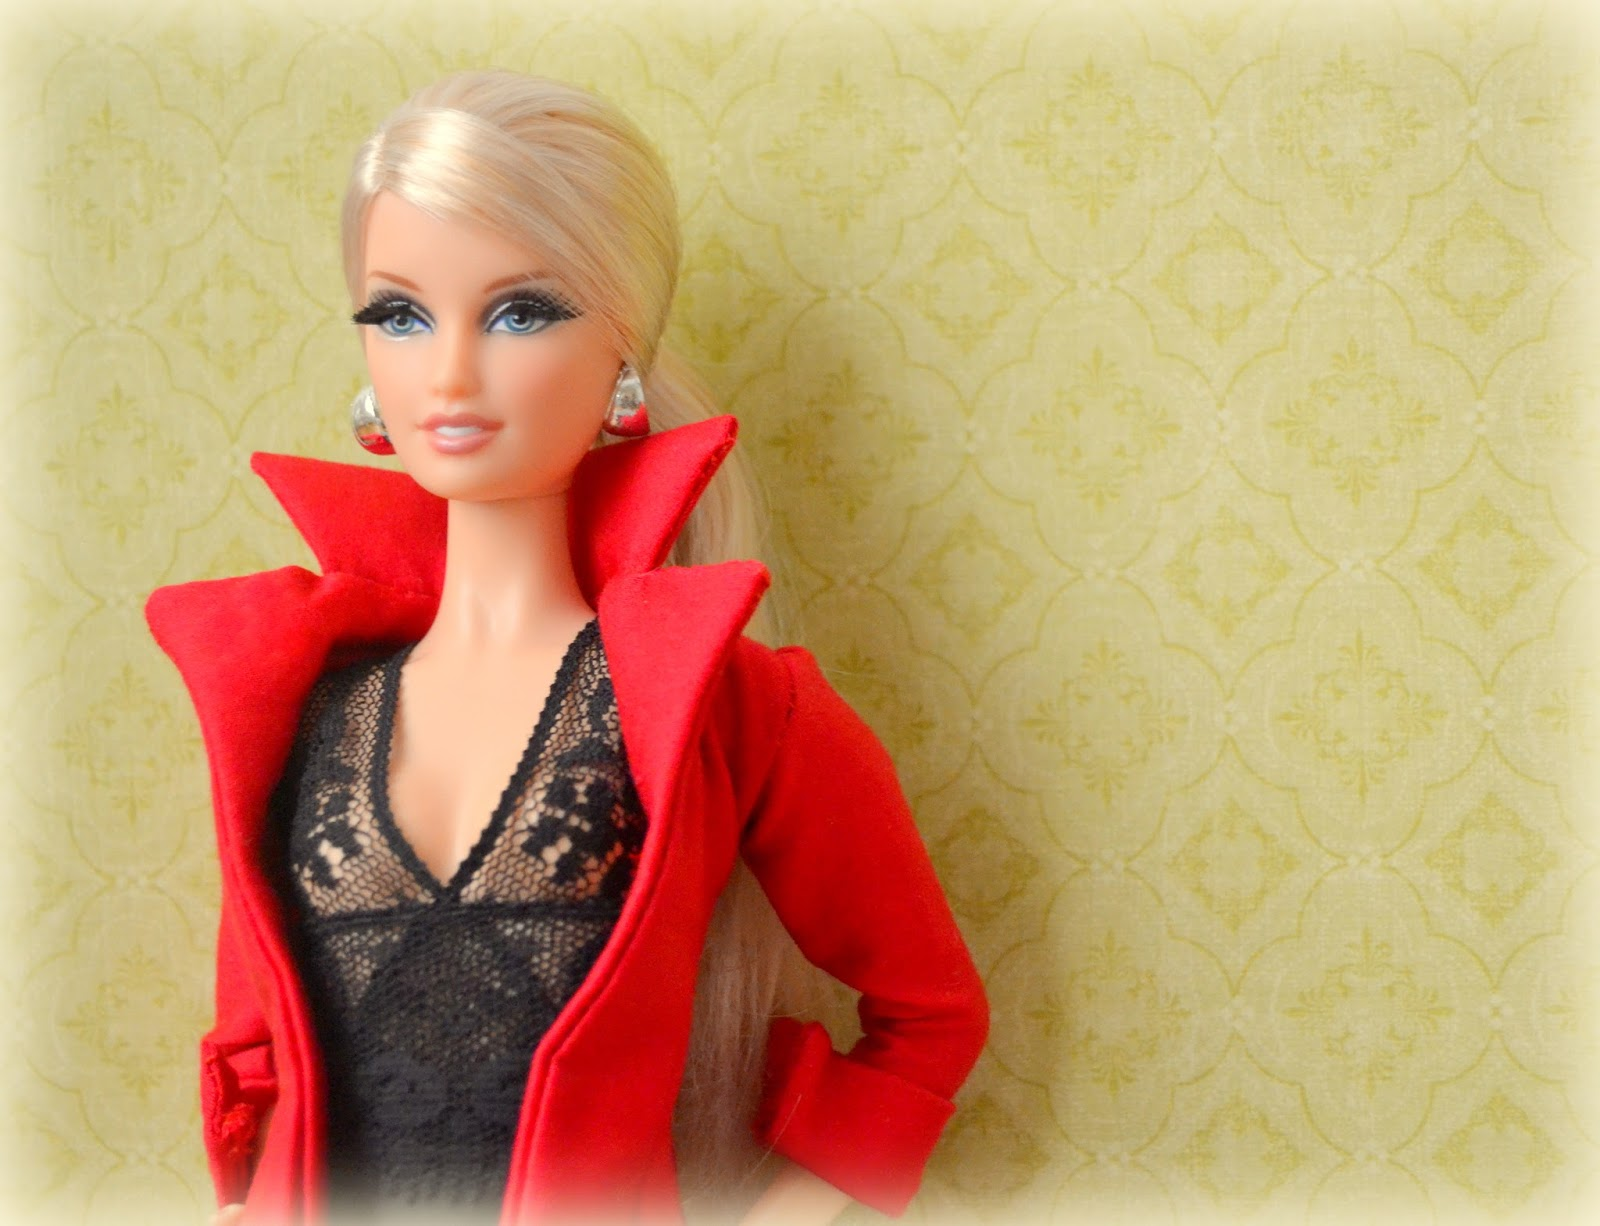 estilo de moda Cantidad limitada original de costura caliente Patron abrigo para barbie – Revista de moda popular